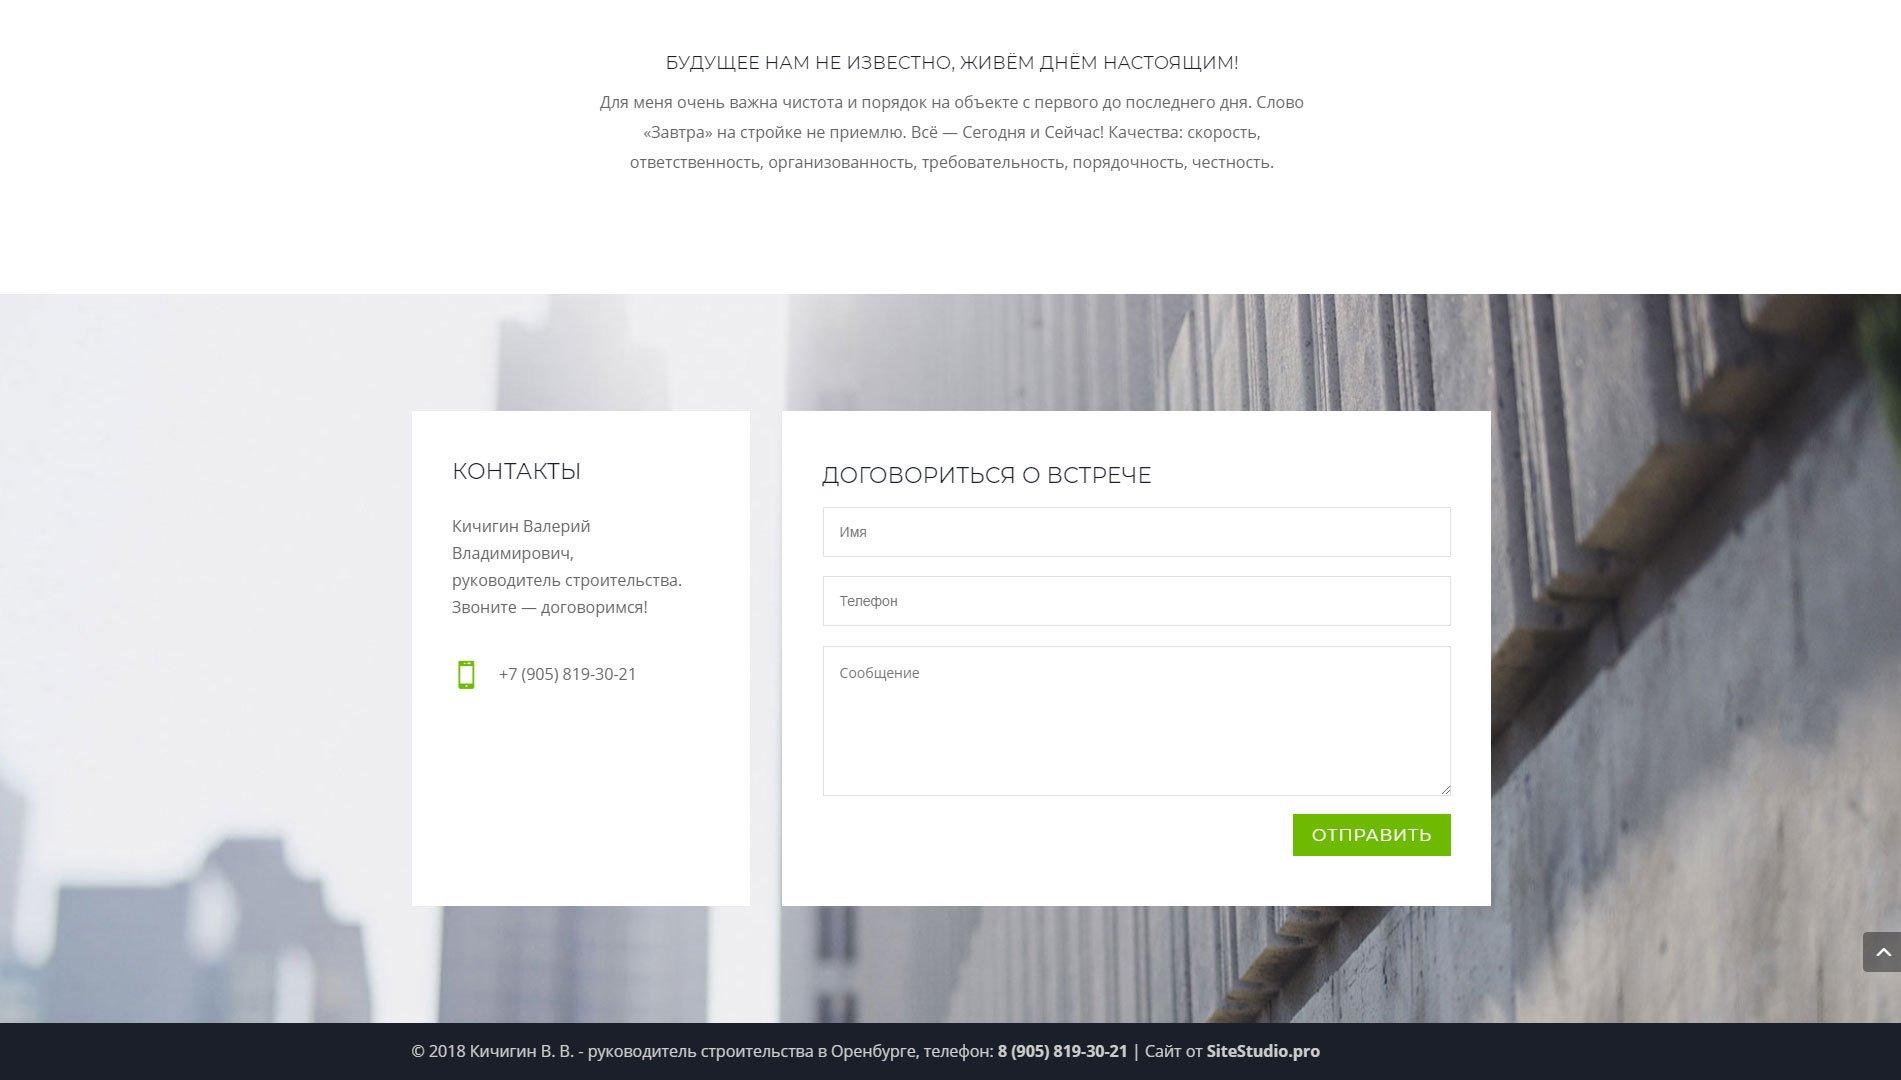 Создание сайта Руководителя строительства в Оренбурге (6)